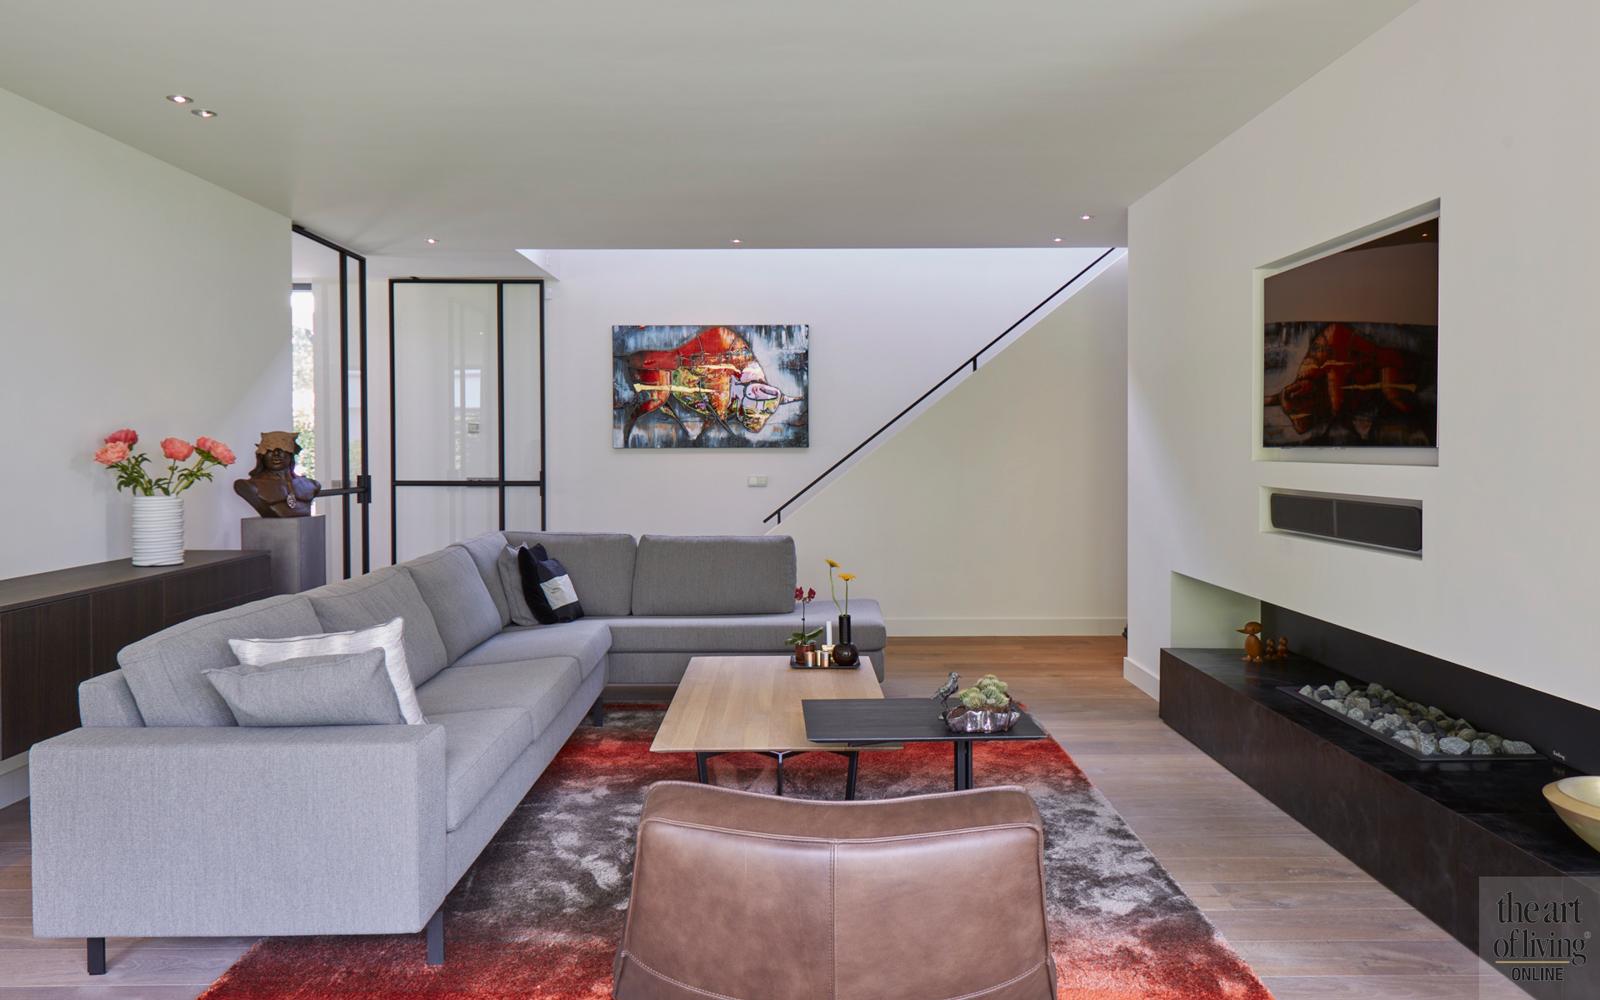 Design haard, Boley, Woonkamer, Living, Design meubels, Open haard, Openhaard, Haard, Gashaard